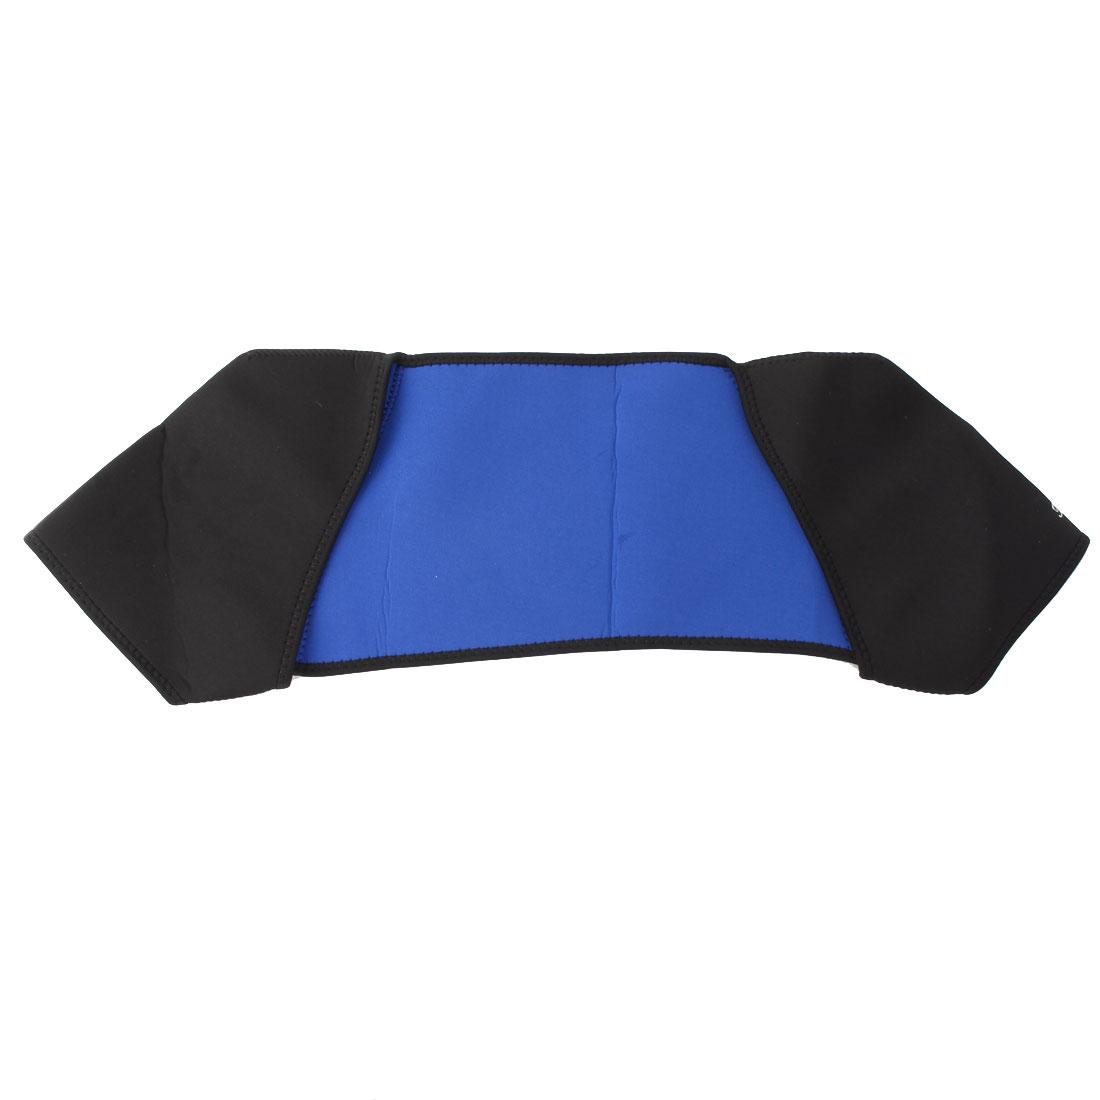 Man Outdoor Sports Neoprene Double Shoulder Support Elastic Sleeve Protector